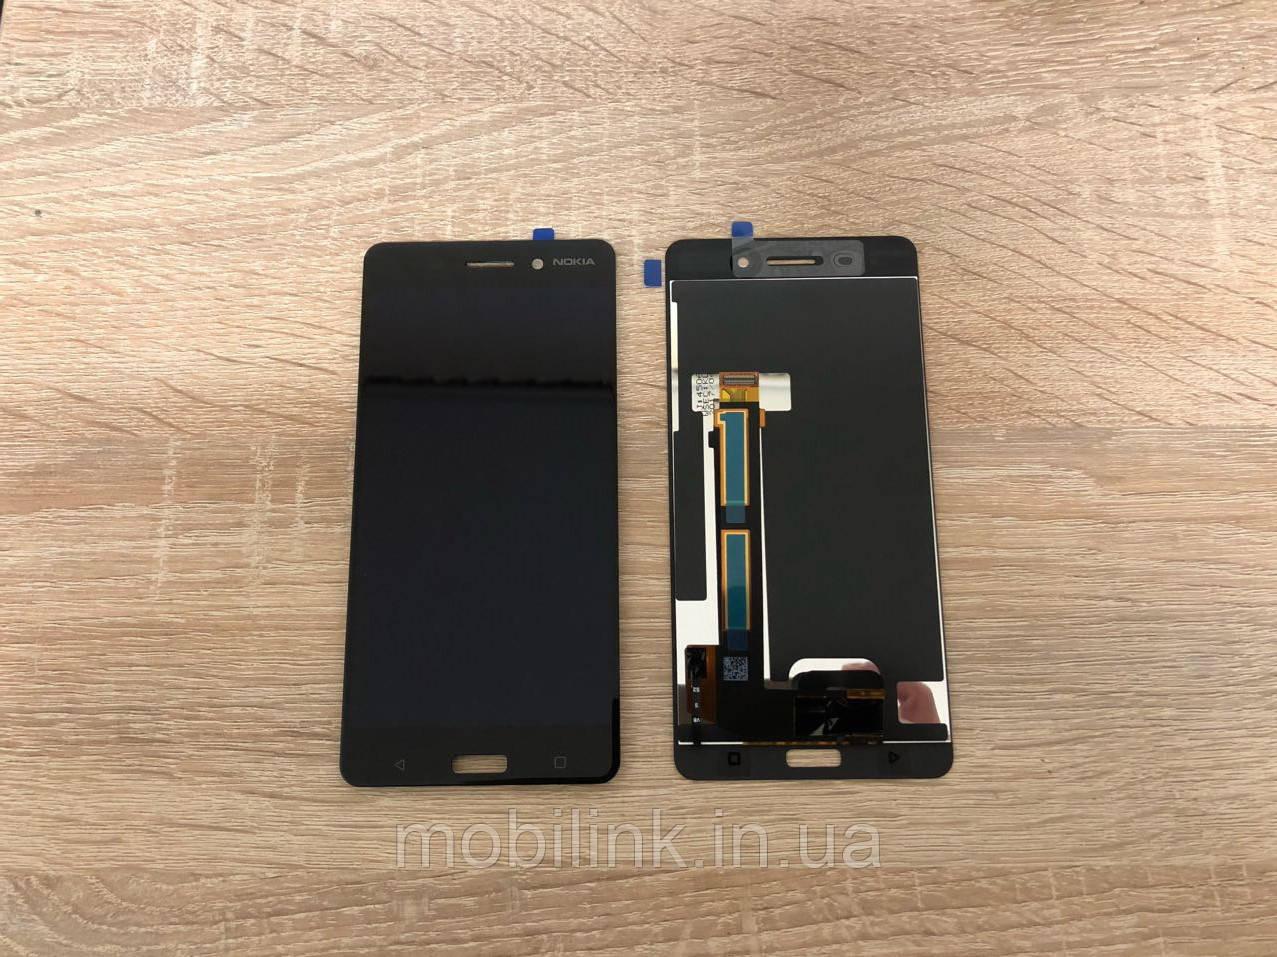 Дисплейный модуль( дисплей с сенсором) Nokia 8 Dual Sim чёрный, Black ,20NB10W0001  Оригинал!